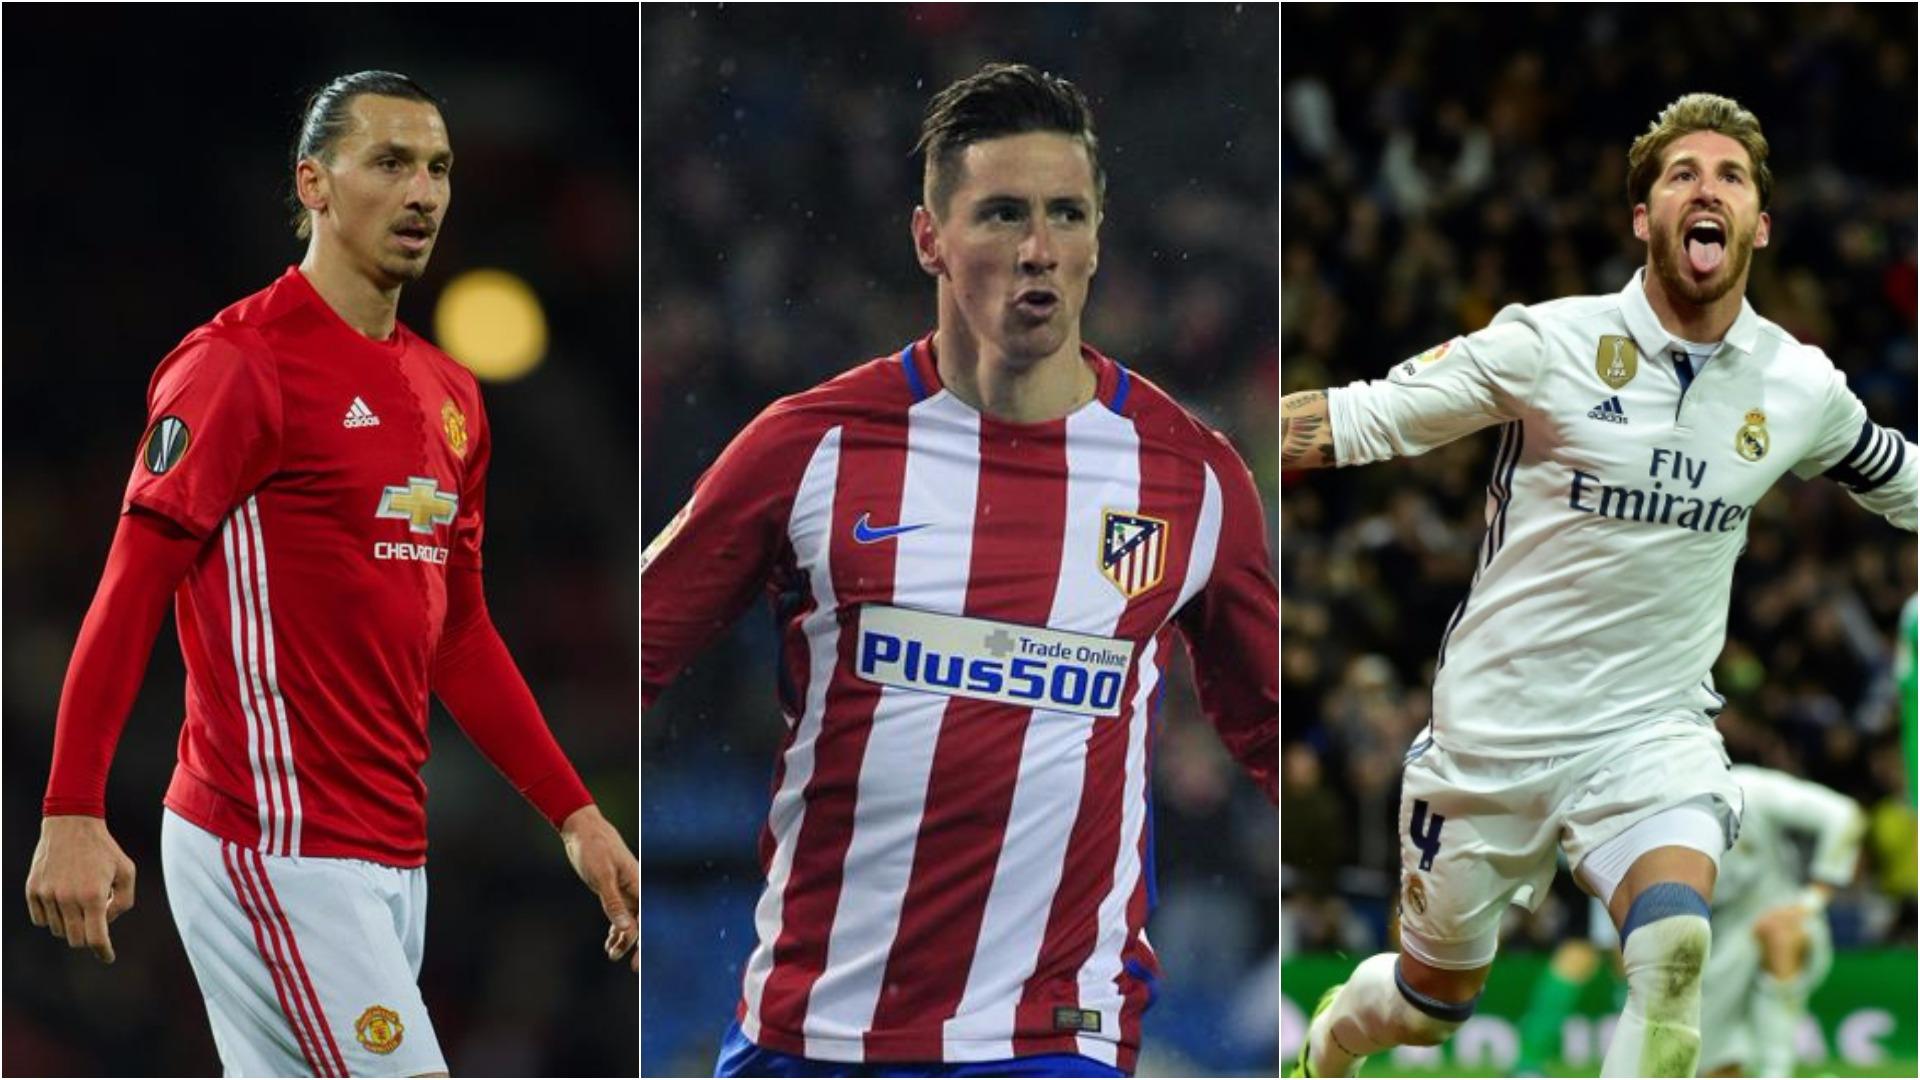 Varias Estrellas Del Fútbol Explican El Significado De Sus Tatuajes